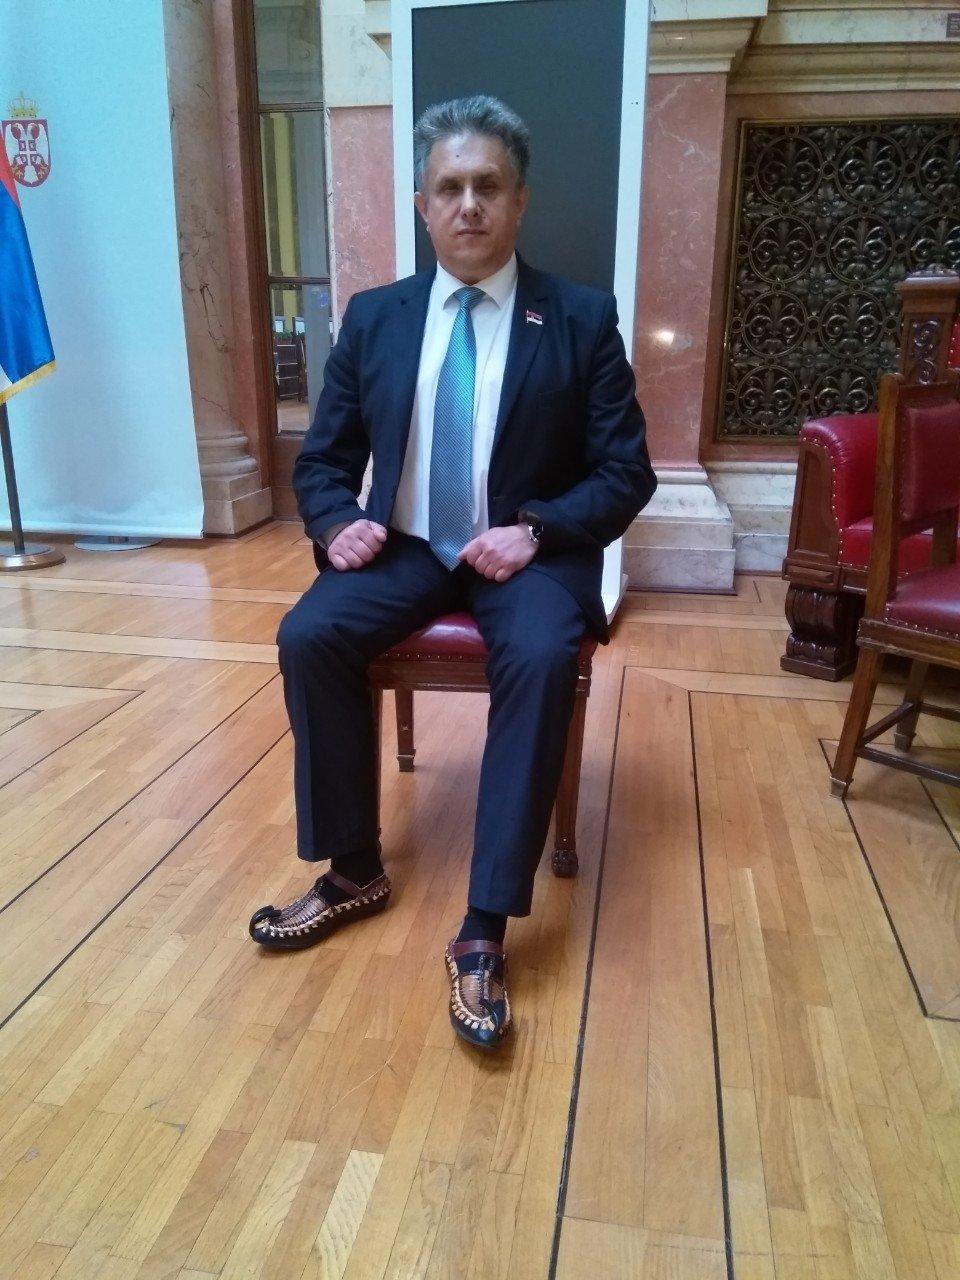 Народни посланик Милија Милетић у опанцима, фото: приватна архива М.М.